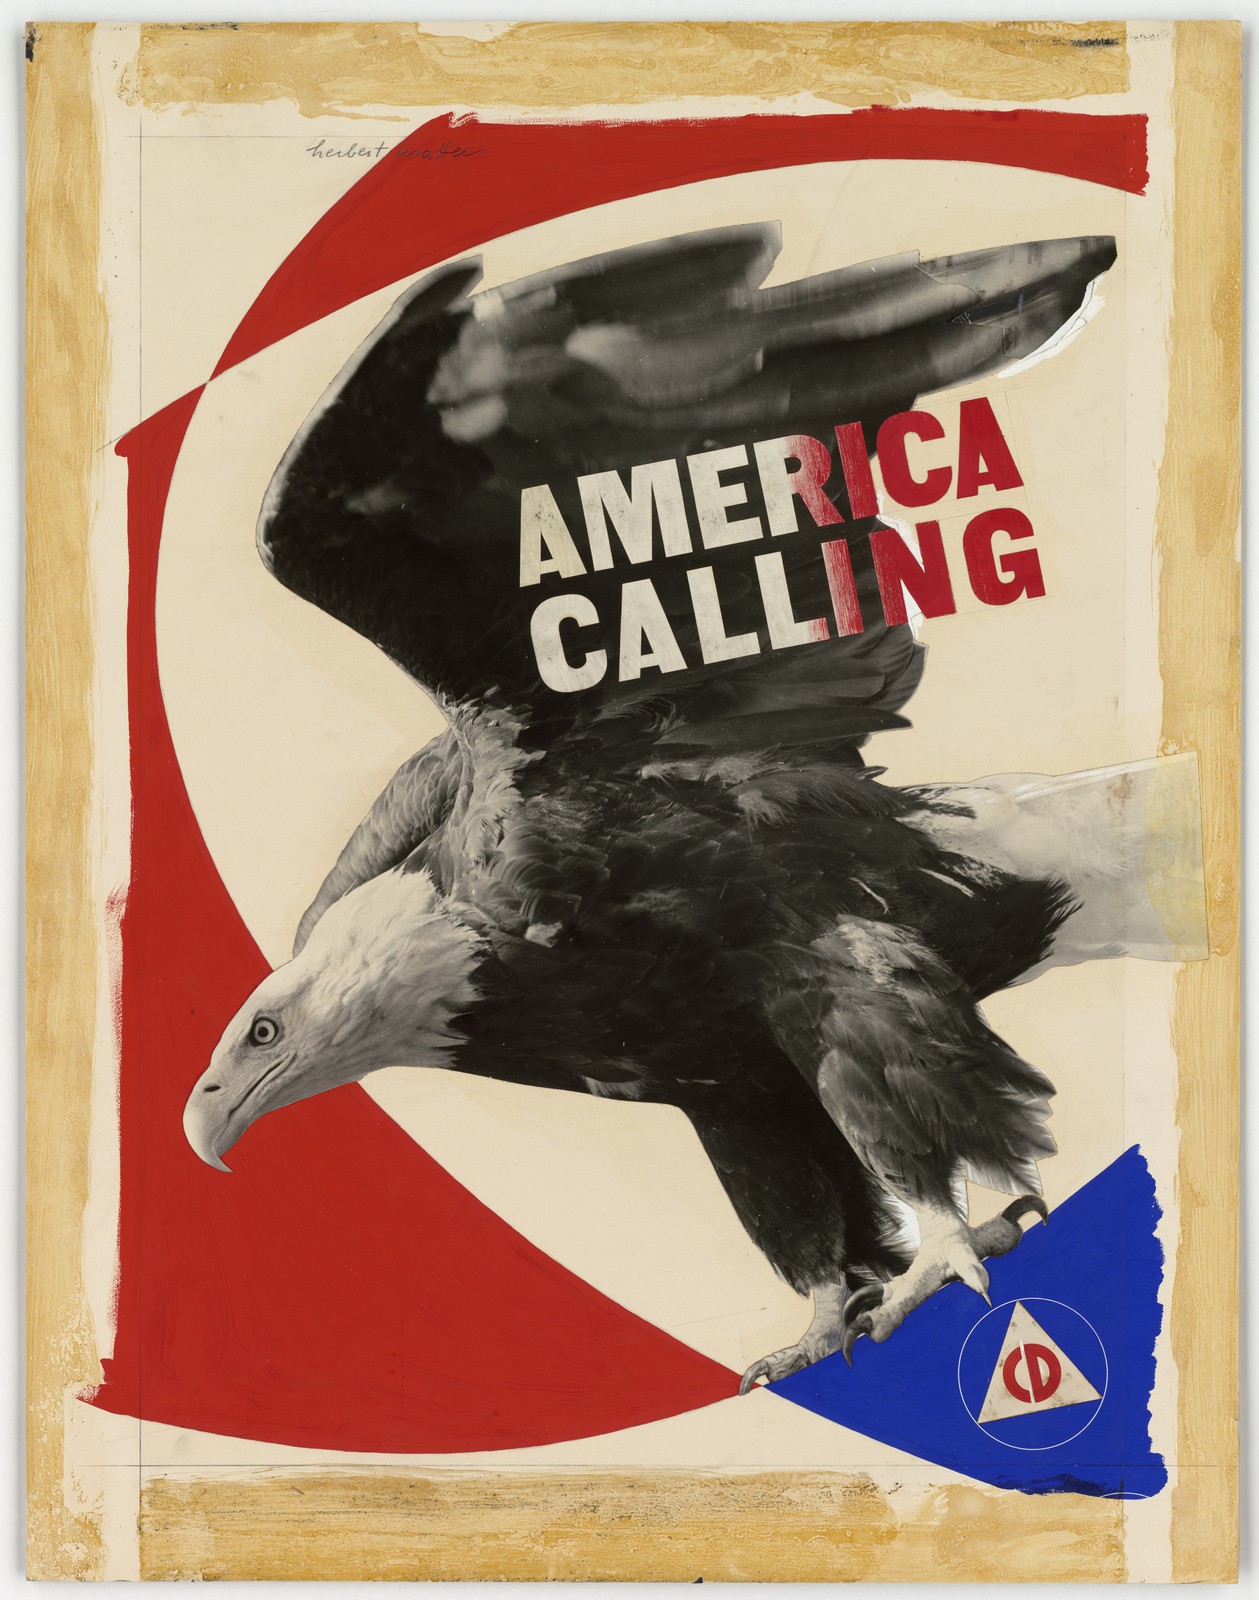 America Calling.  CD [Civil Defense] -  (Not used.) [Herbert Matter]